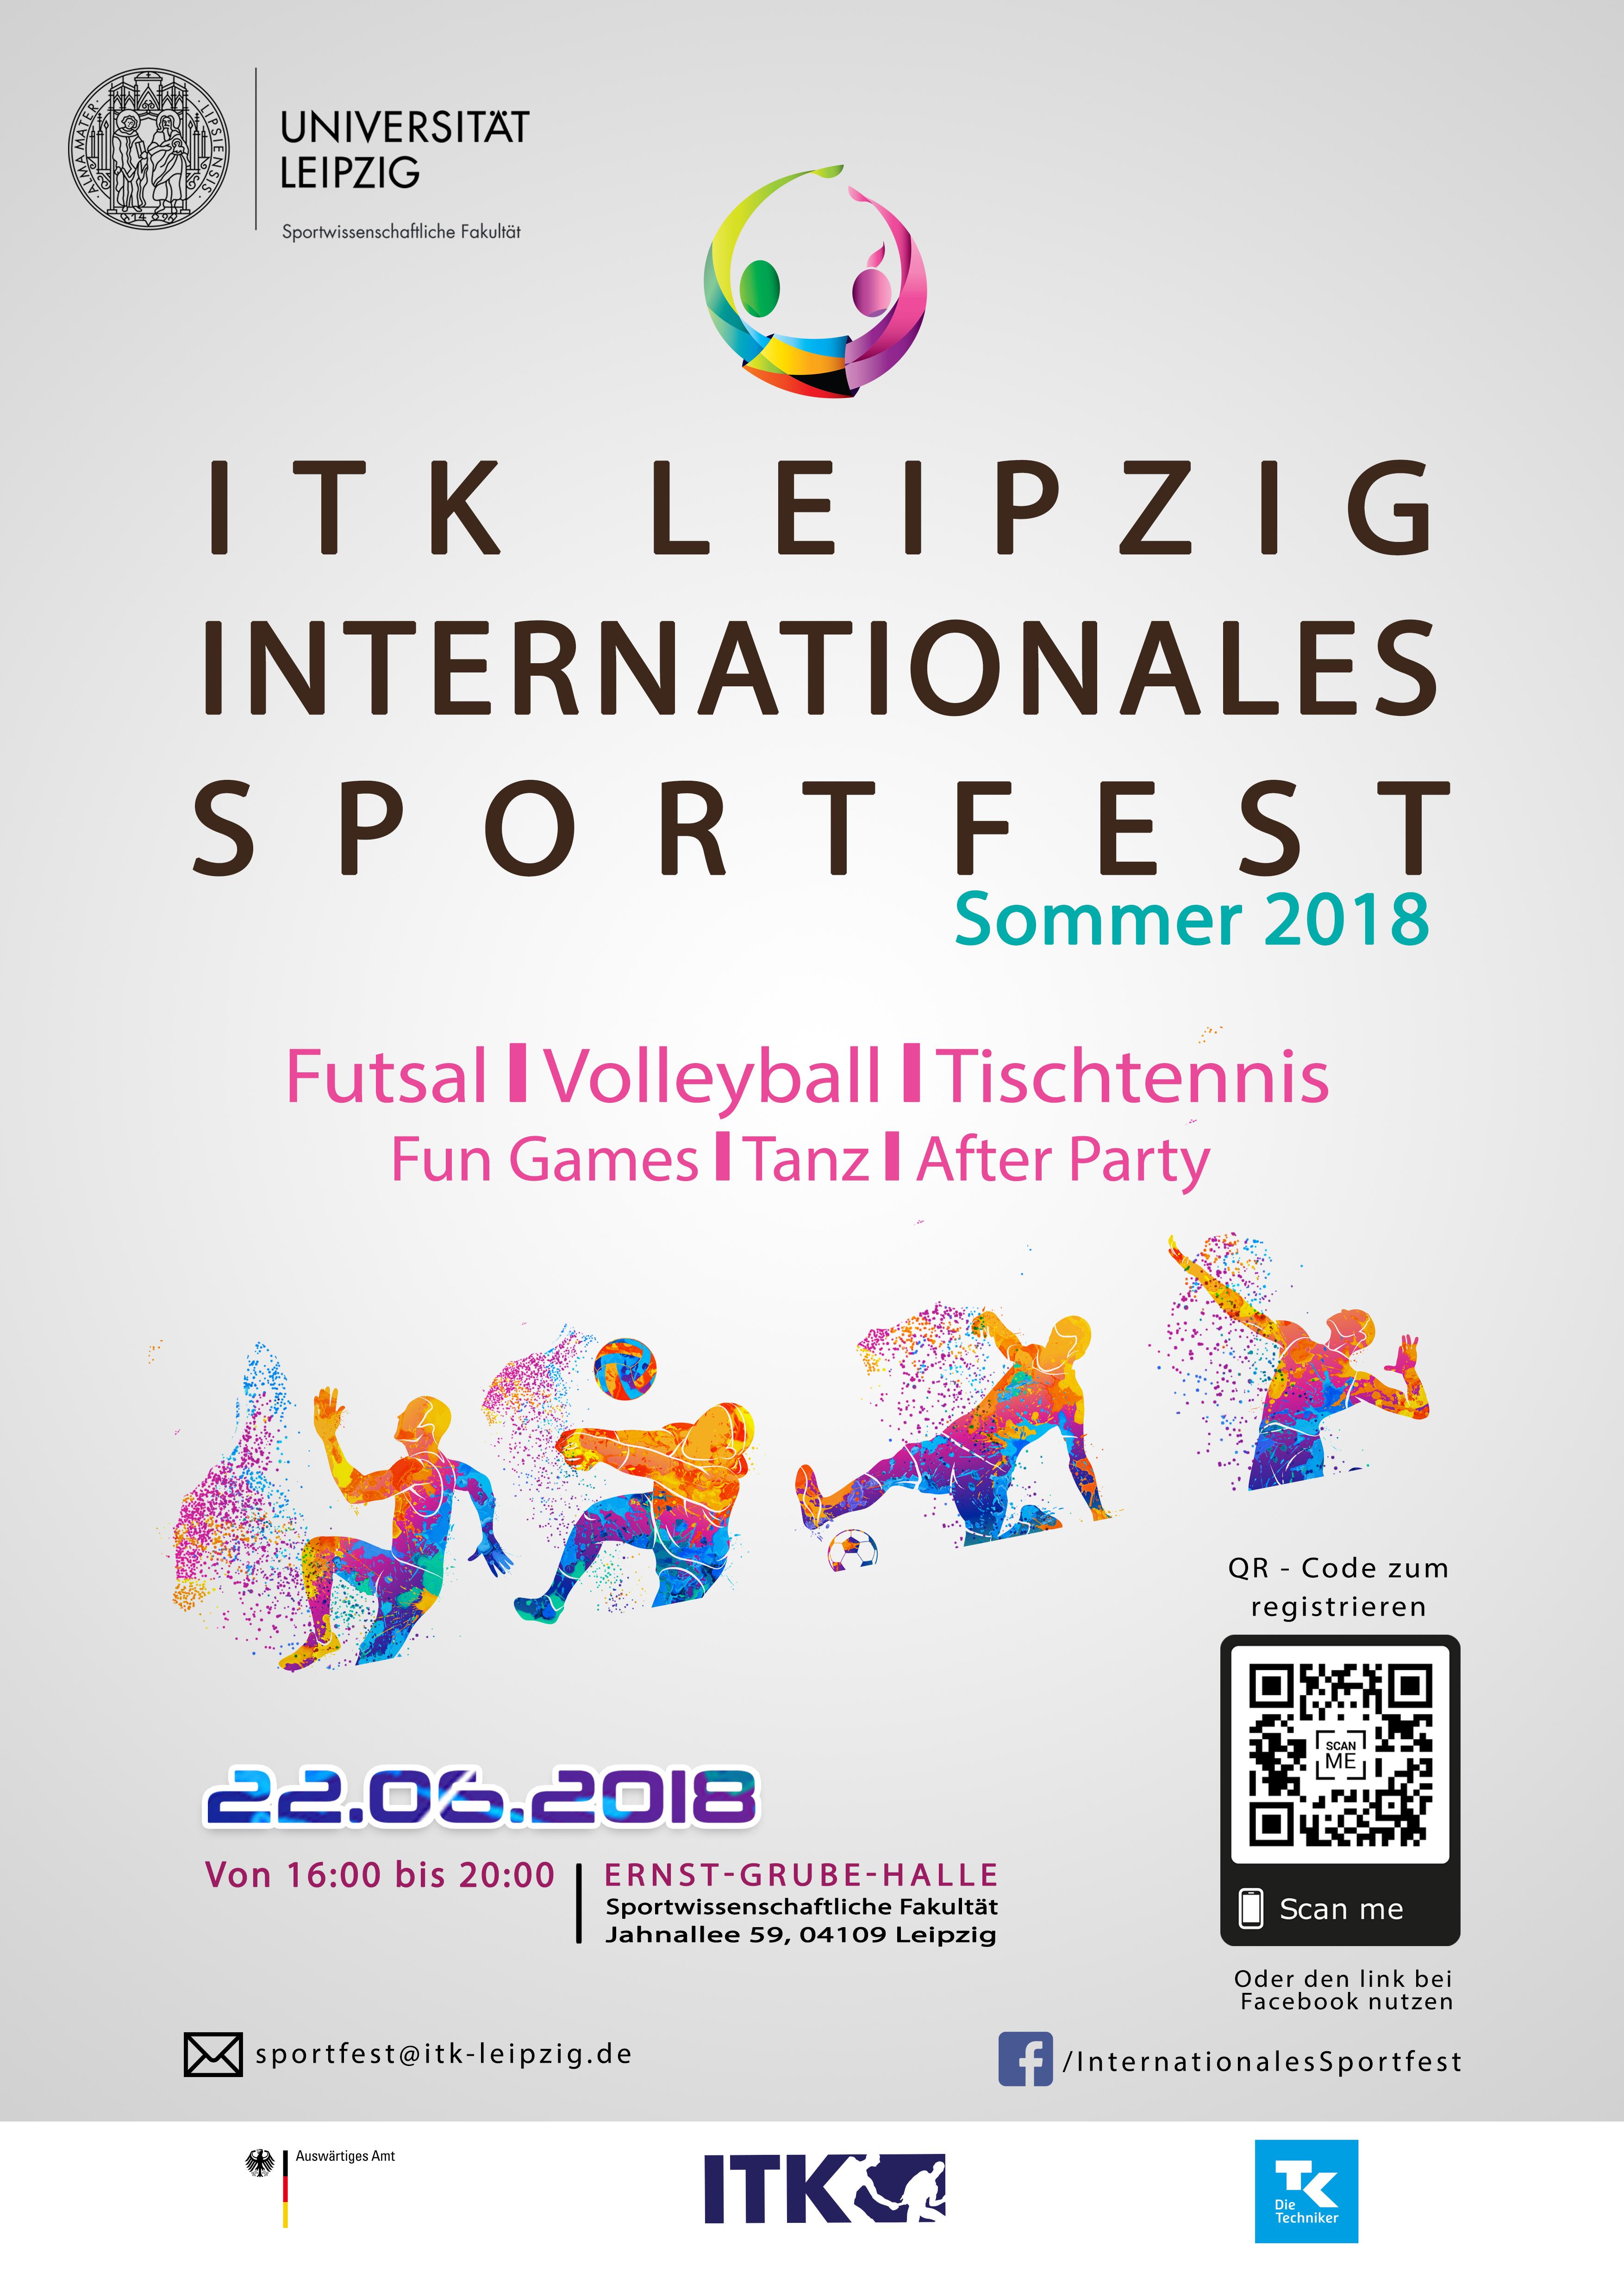 ITK Leipzig Internationales Sportfest 2018